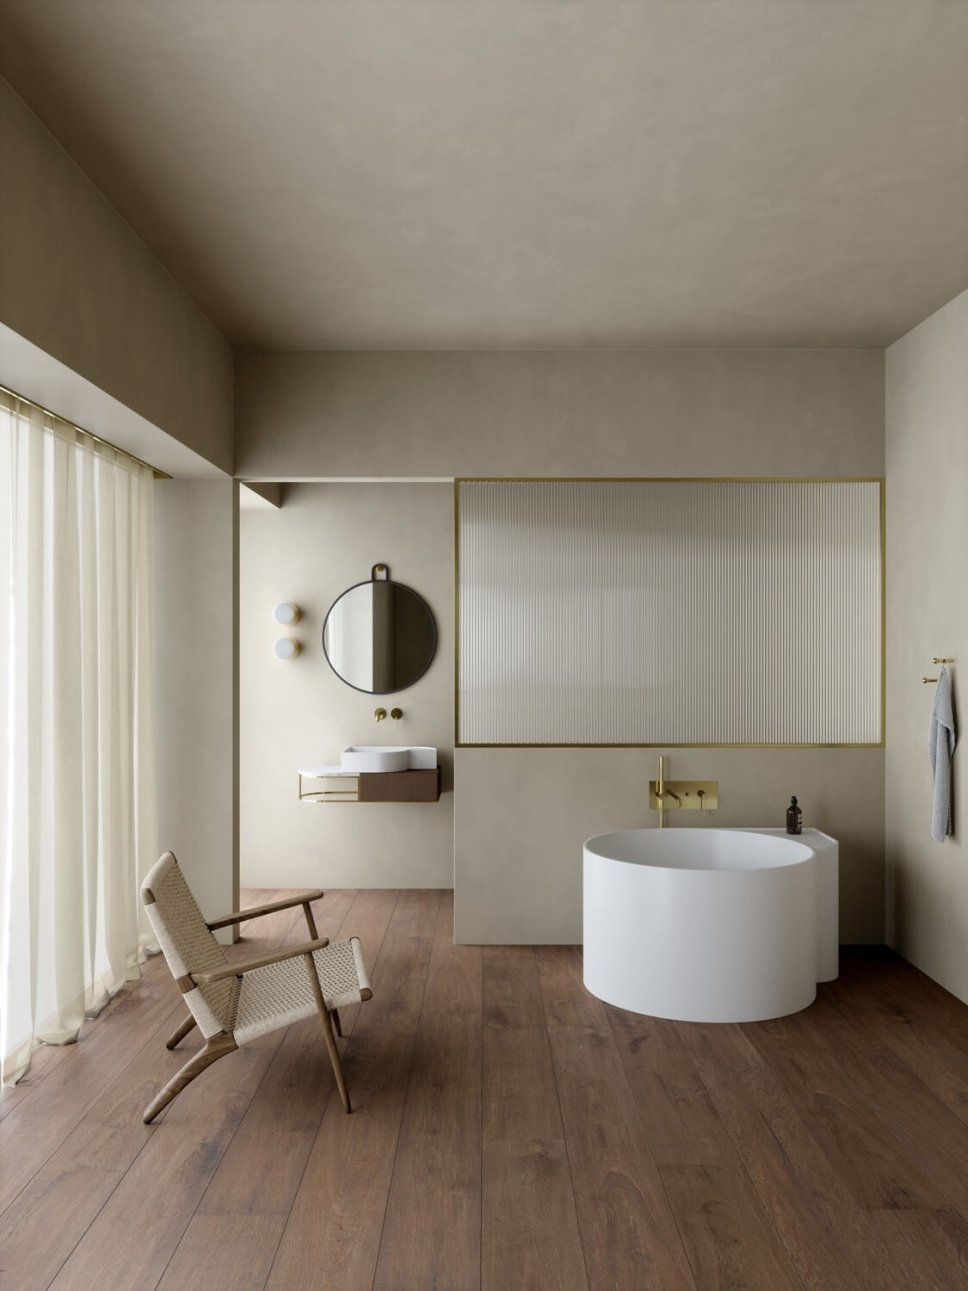 Freistehende Badewanne in luxuriösem Badezimmer